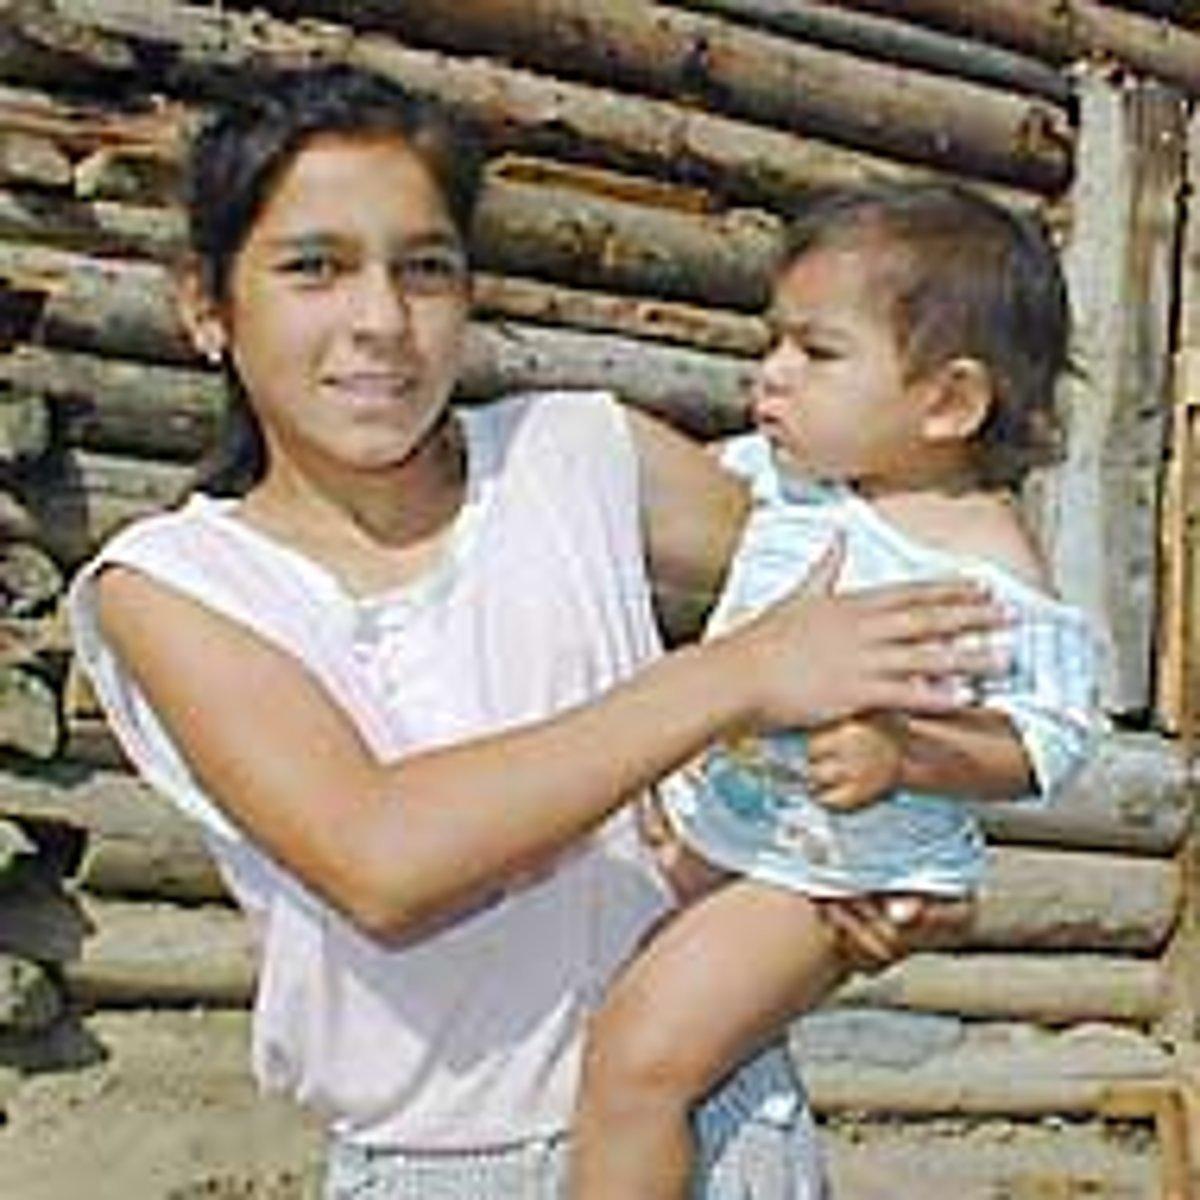 Report Roma Women Sterilised Against Their Will Spectator Sme Sk